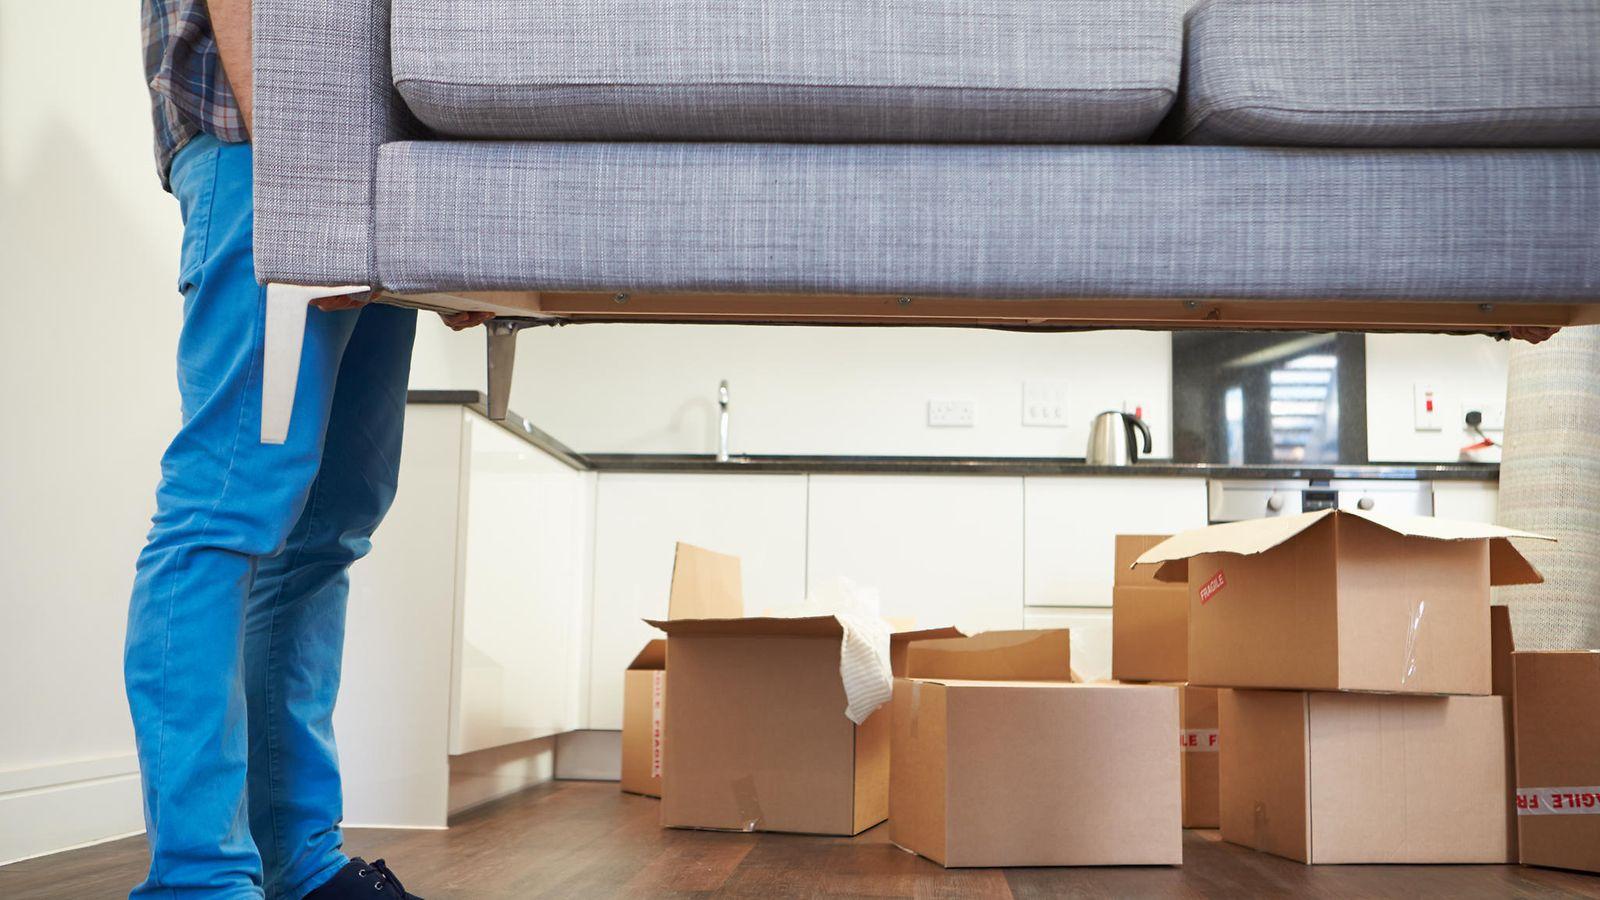 Muutatko vuokra asuntoon? Tästä syystä lukot kannattaa vaihtaa  Lifestyle